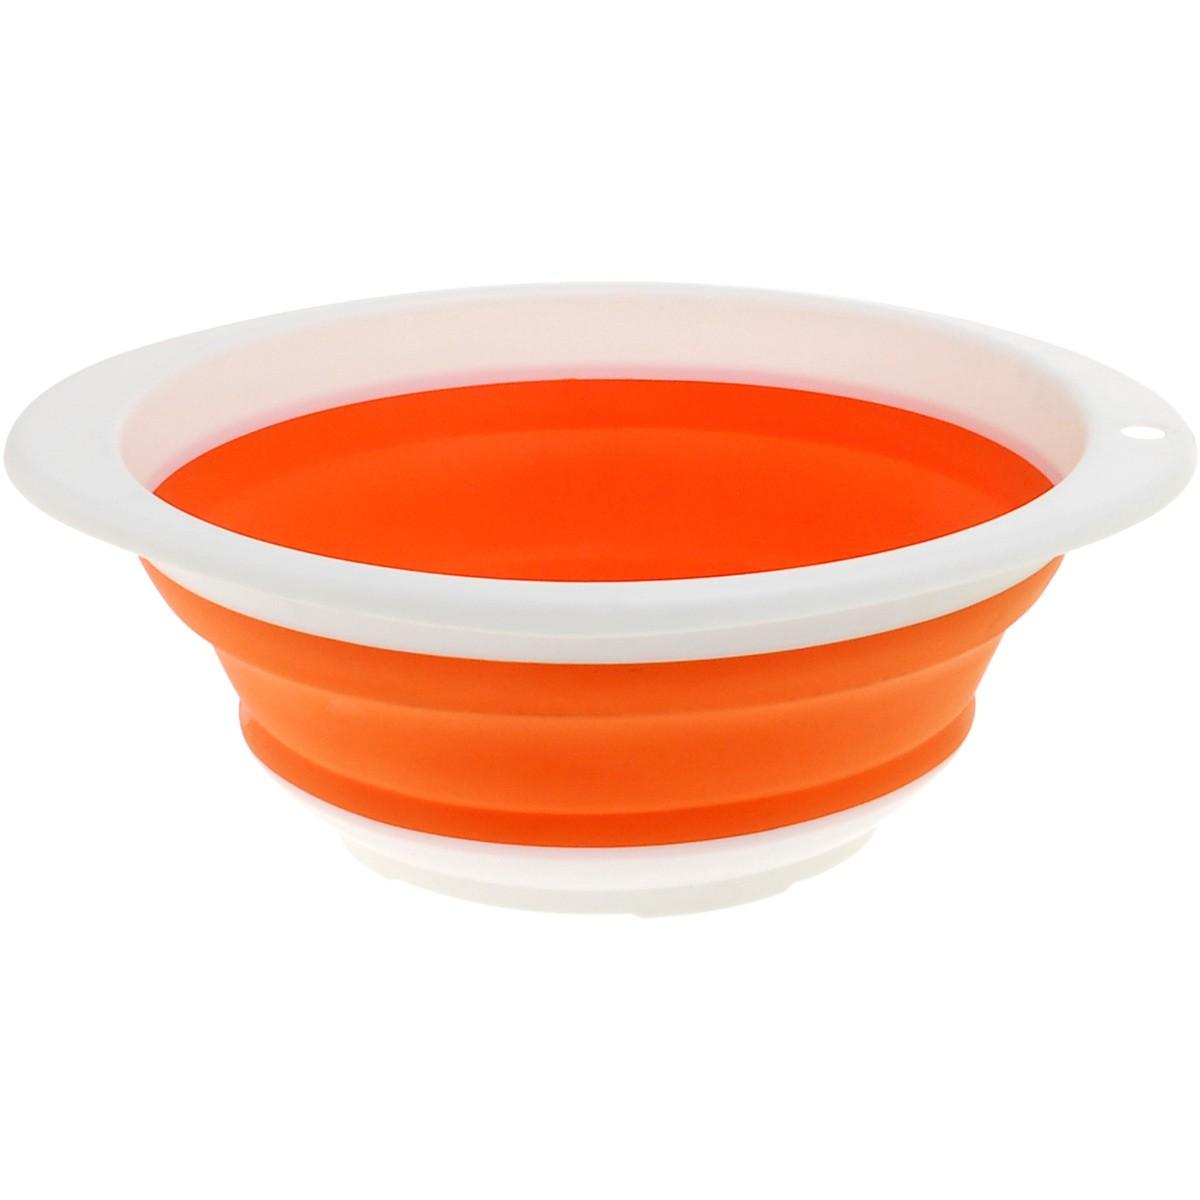 Πτυσσόμενο Σουρωτήρι Home Design Πορτοκαλί GHP9193/OR